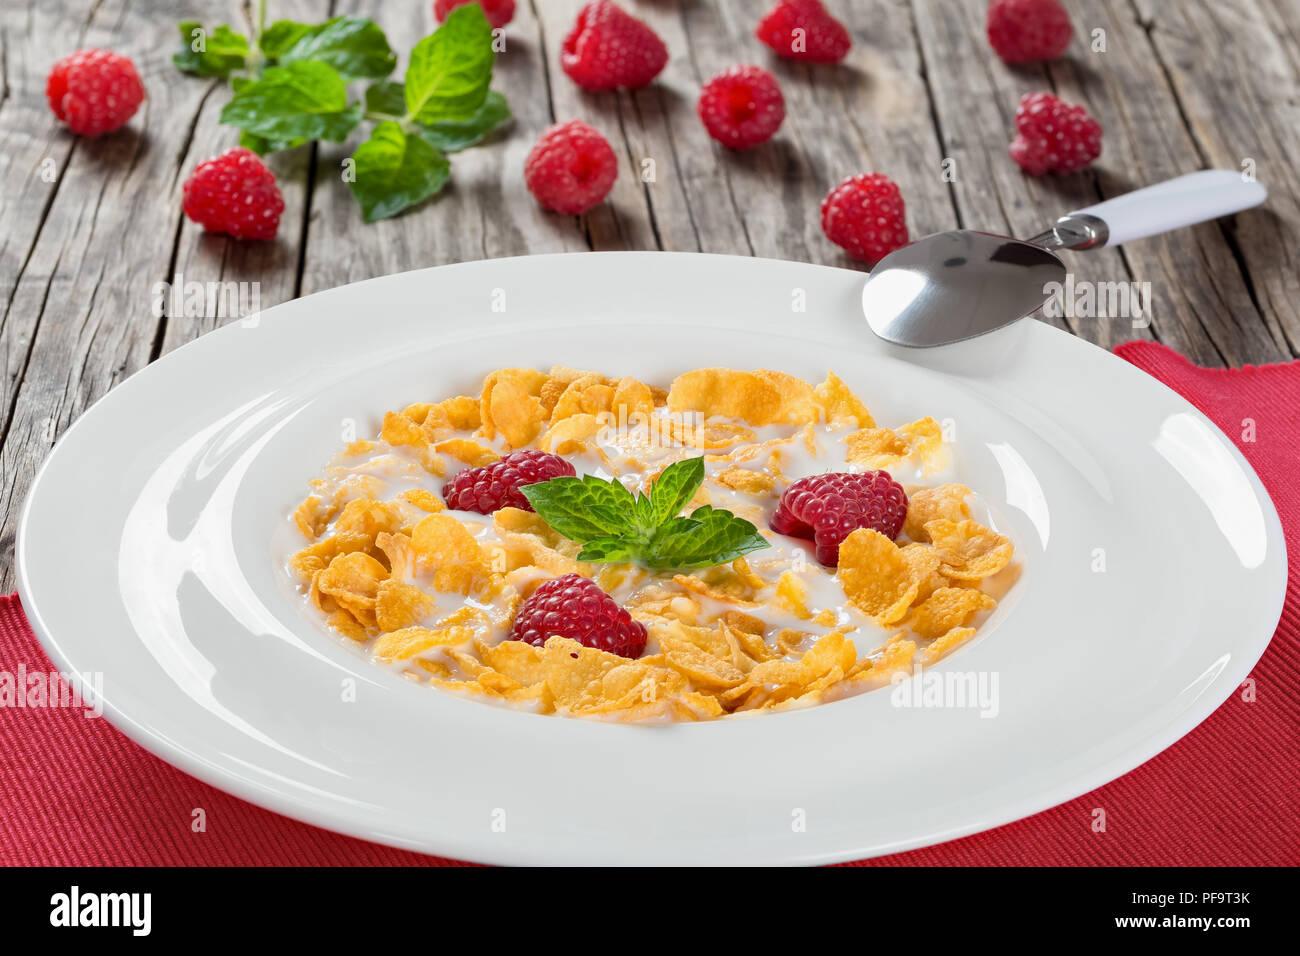 Knusprige Cornflakes mit Himbeeren und kalte Milch dekoriert mit Minze in weißer Teller am Tisch Matte mit sppon auf Holz Arbeitsplatte, traditionelle und Stockbild